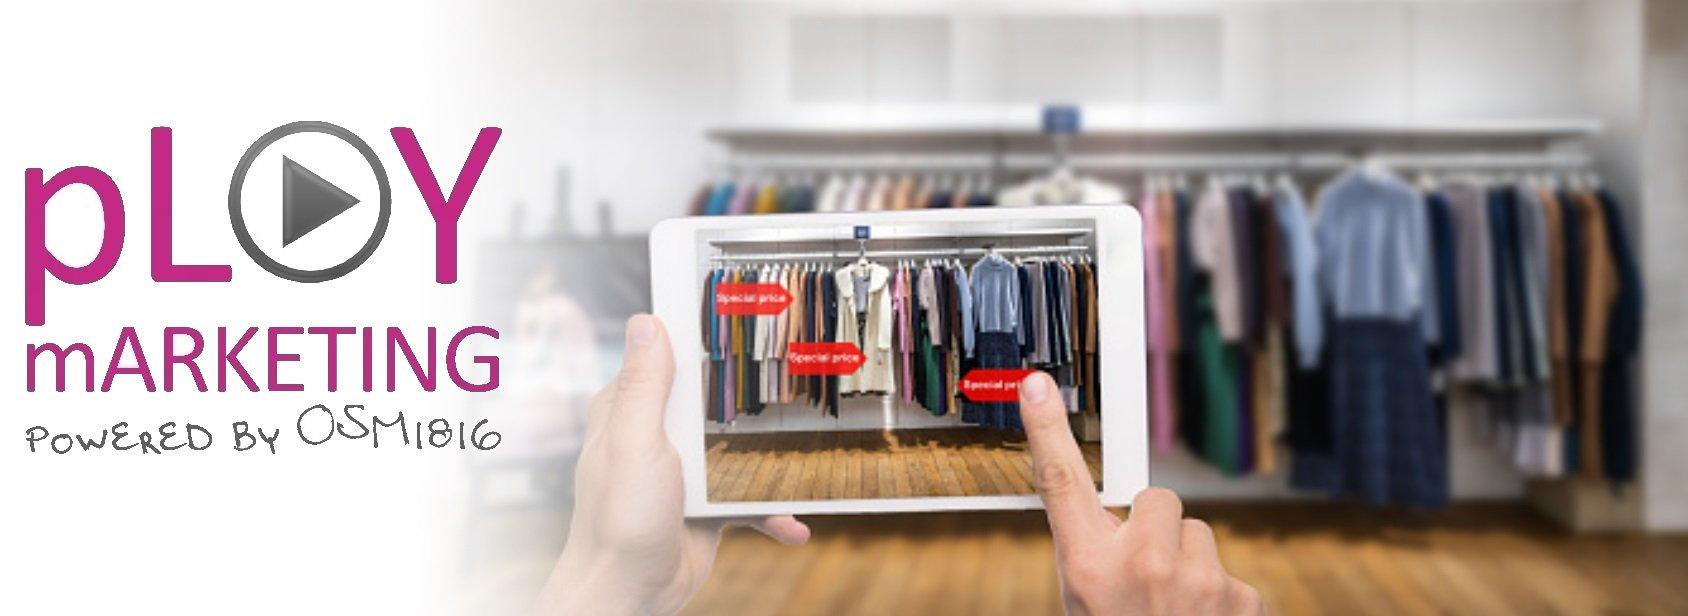 La realtà aumentata rivoluziona la customer experience